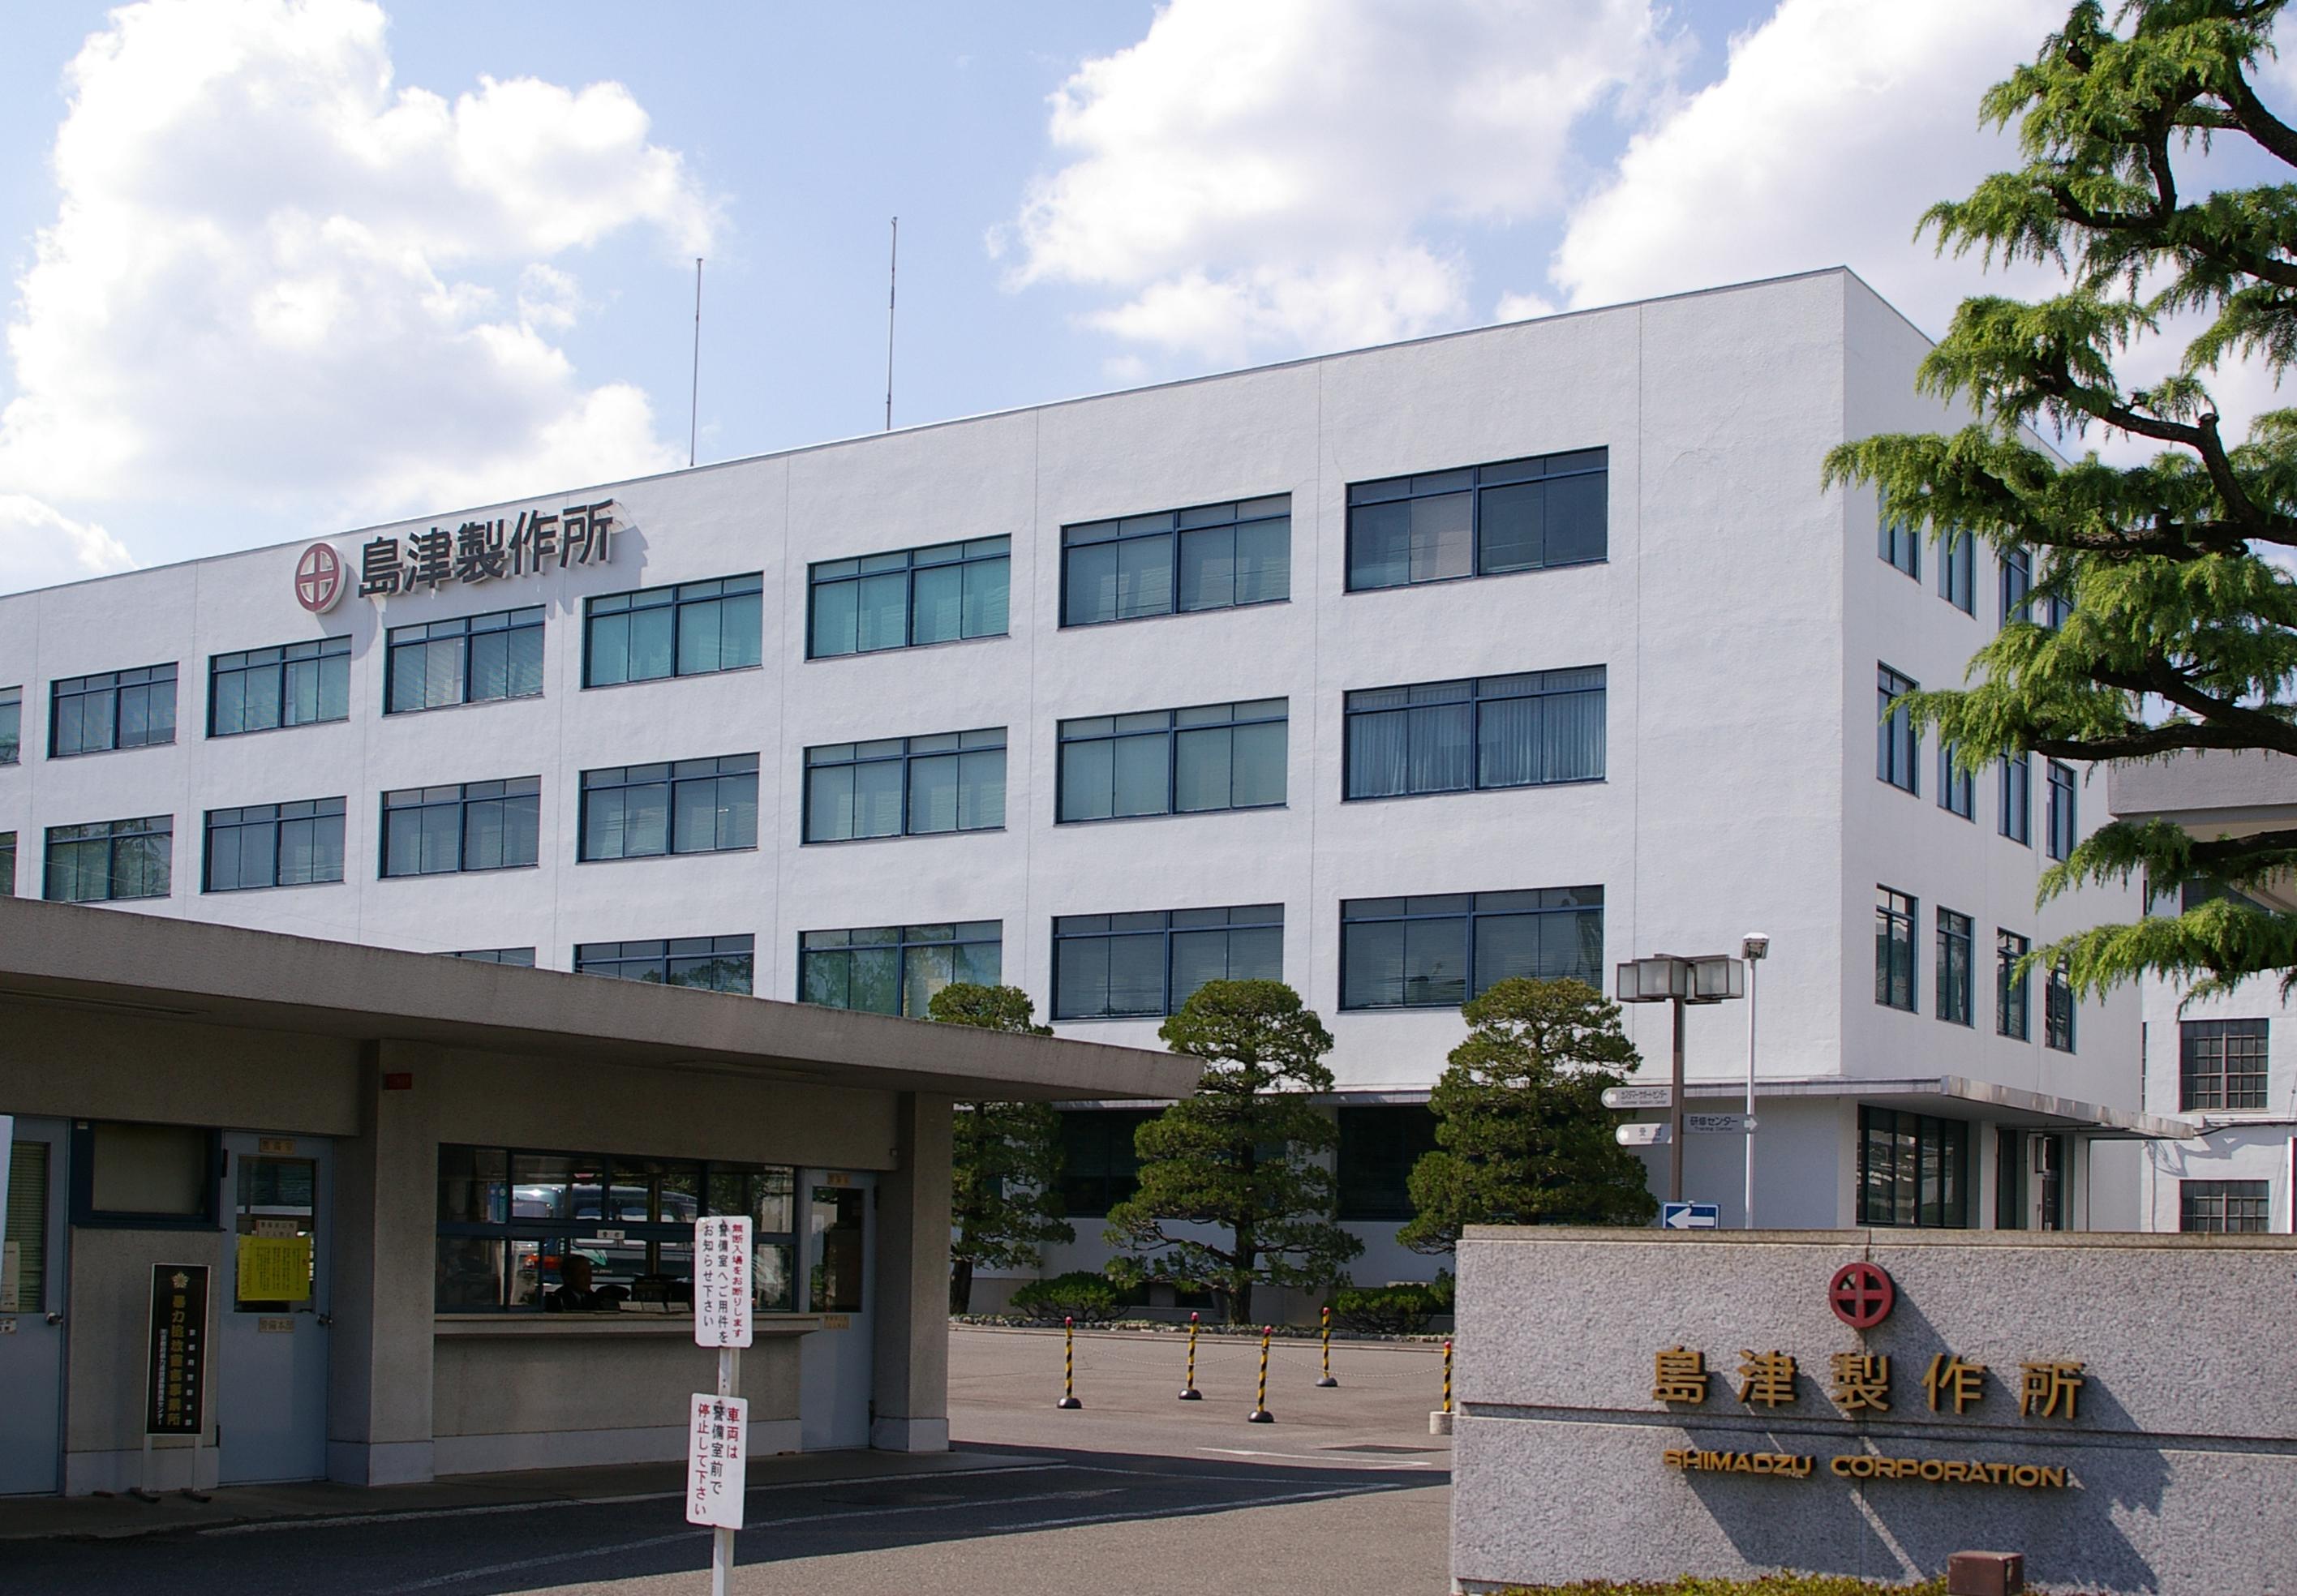 Shimadzu Corp  - Wikipedia